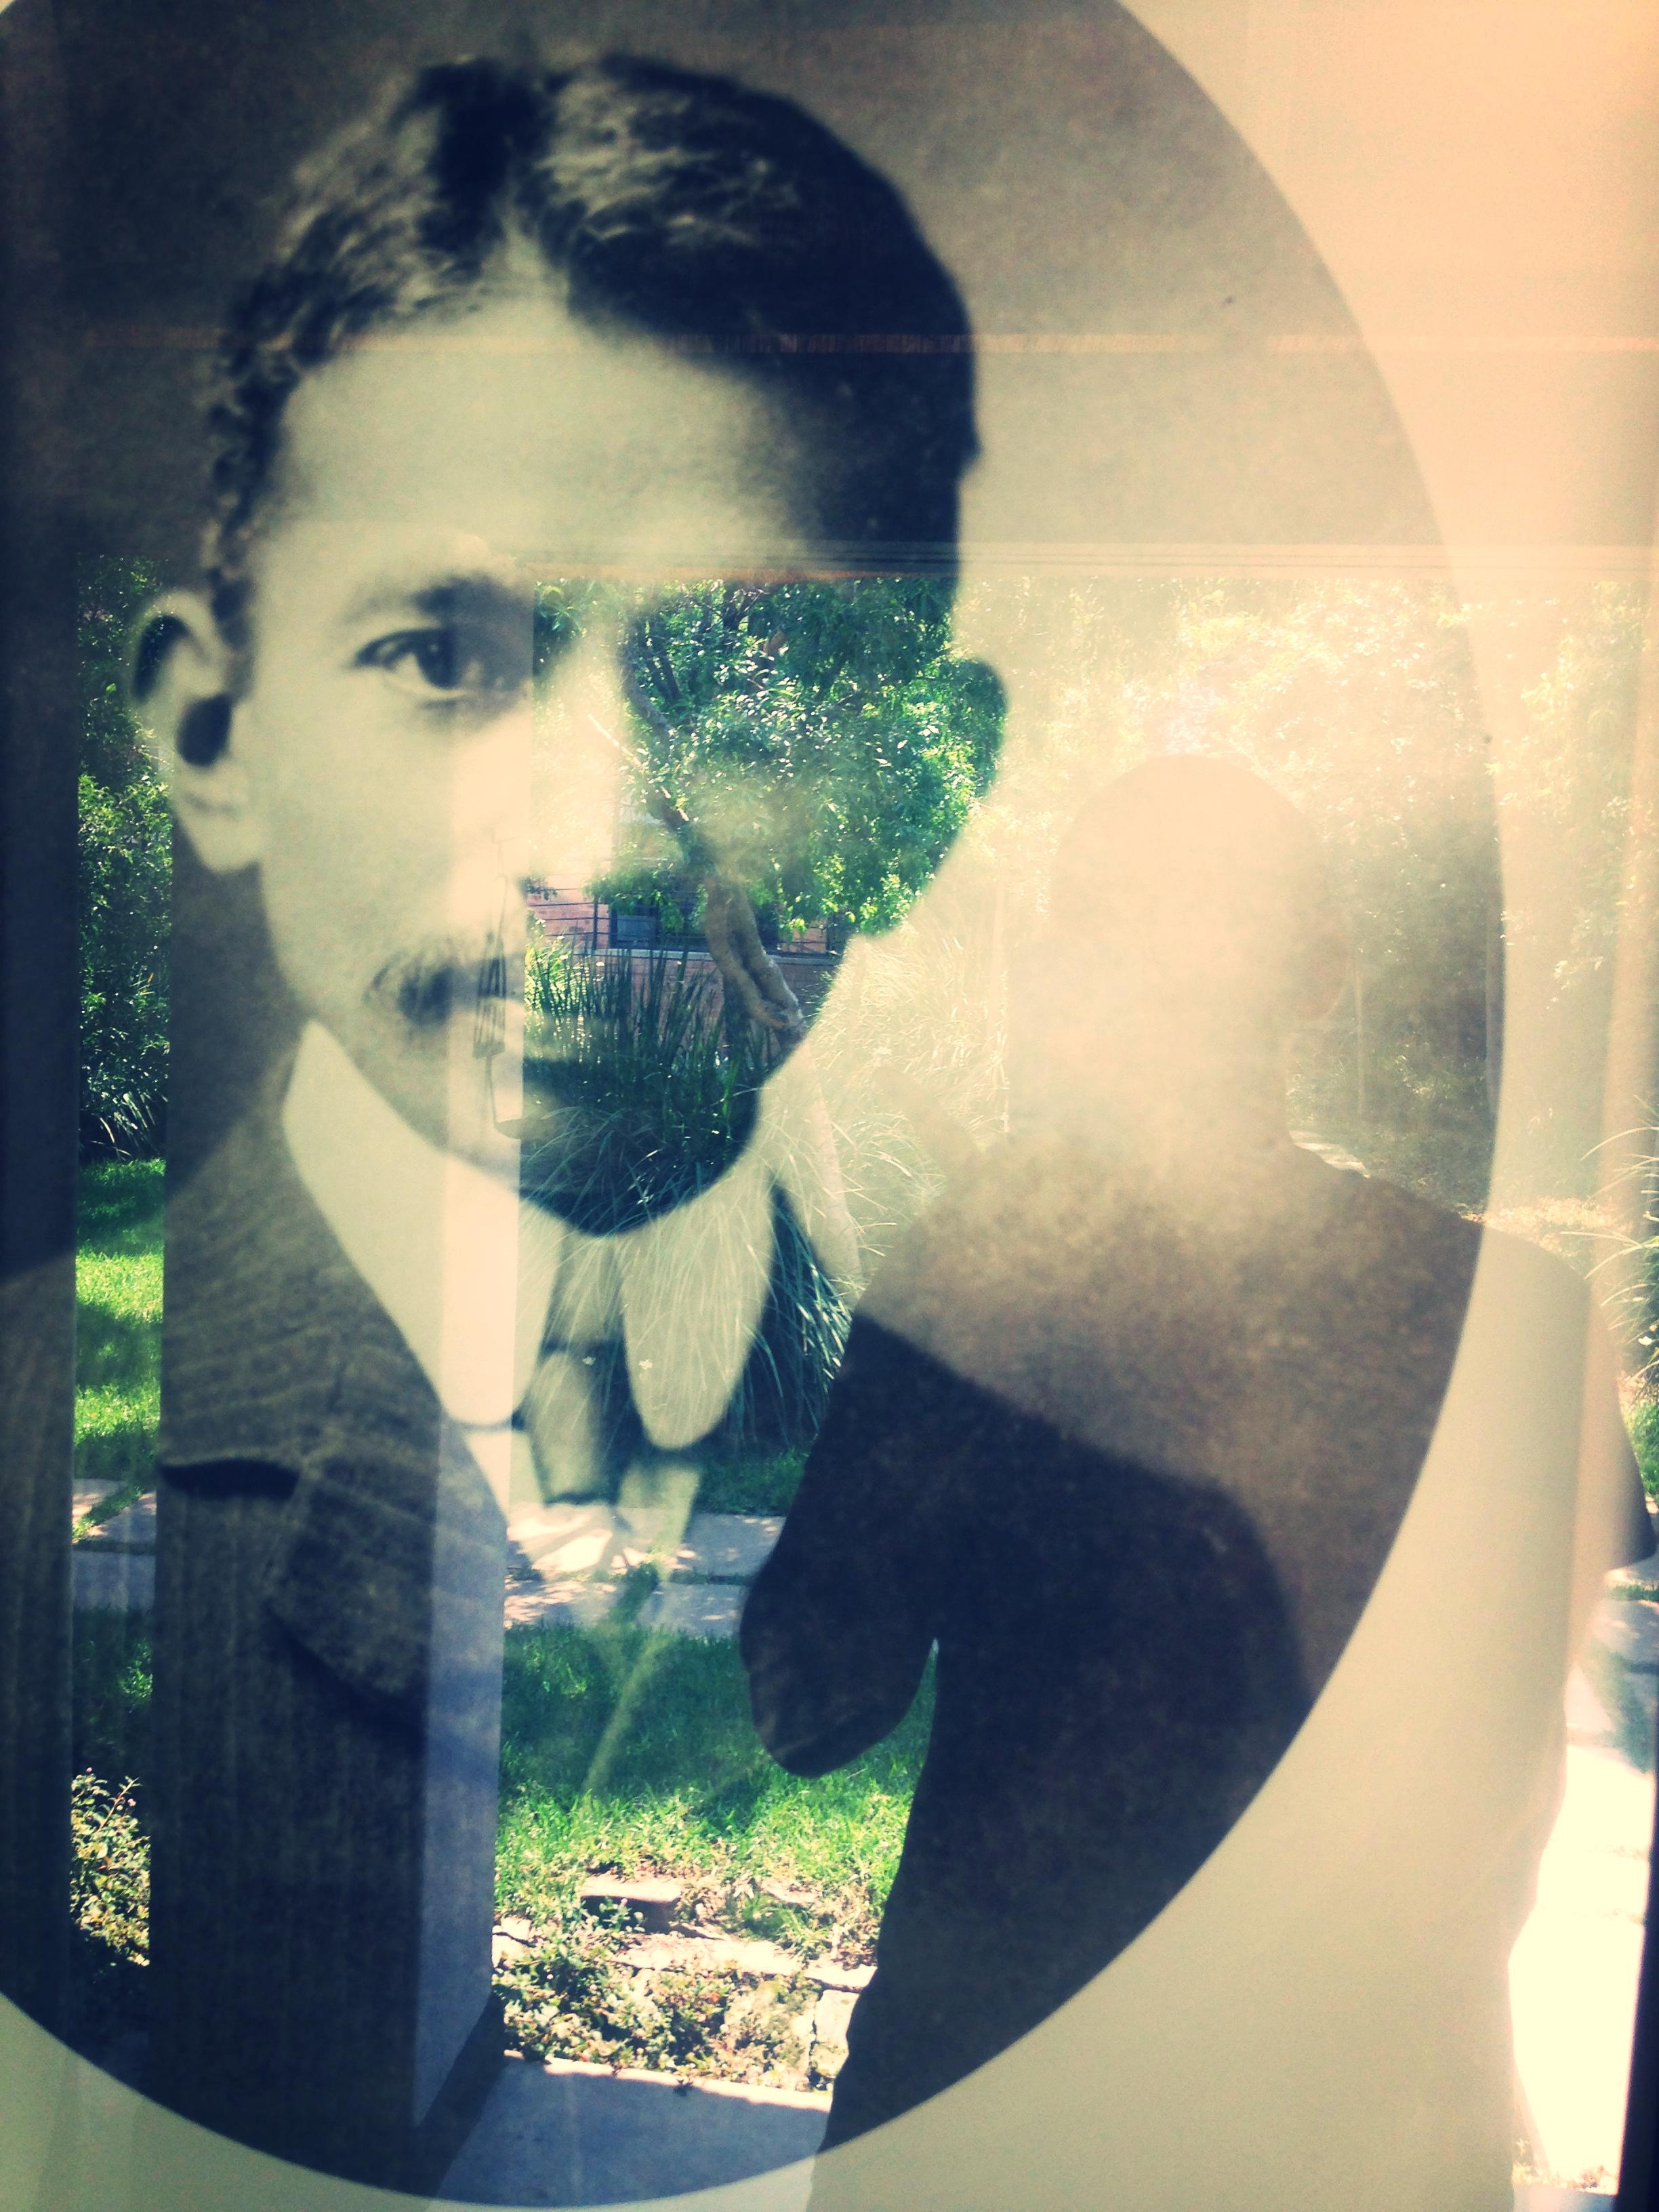 Gandhi selfie